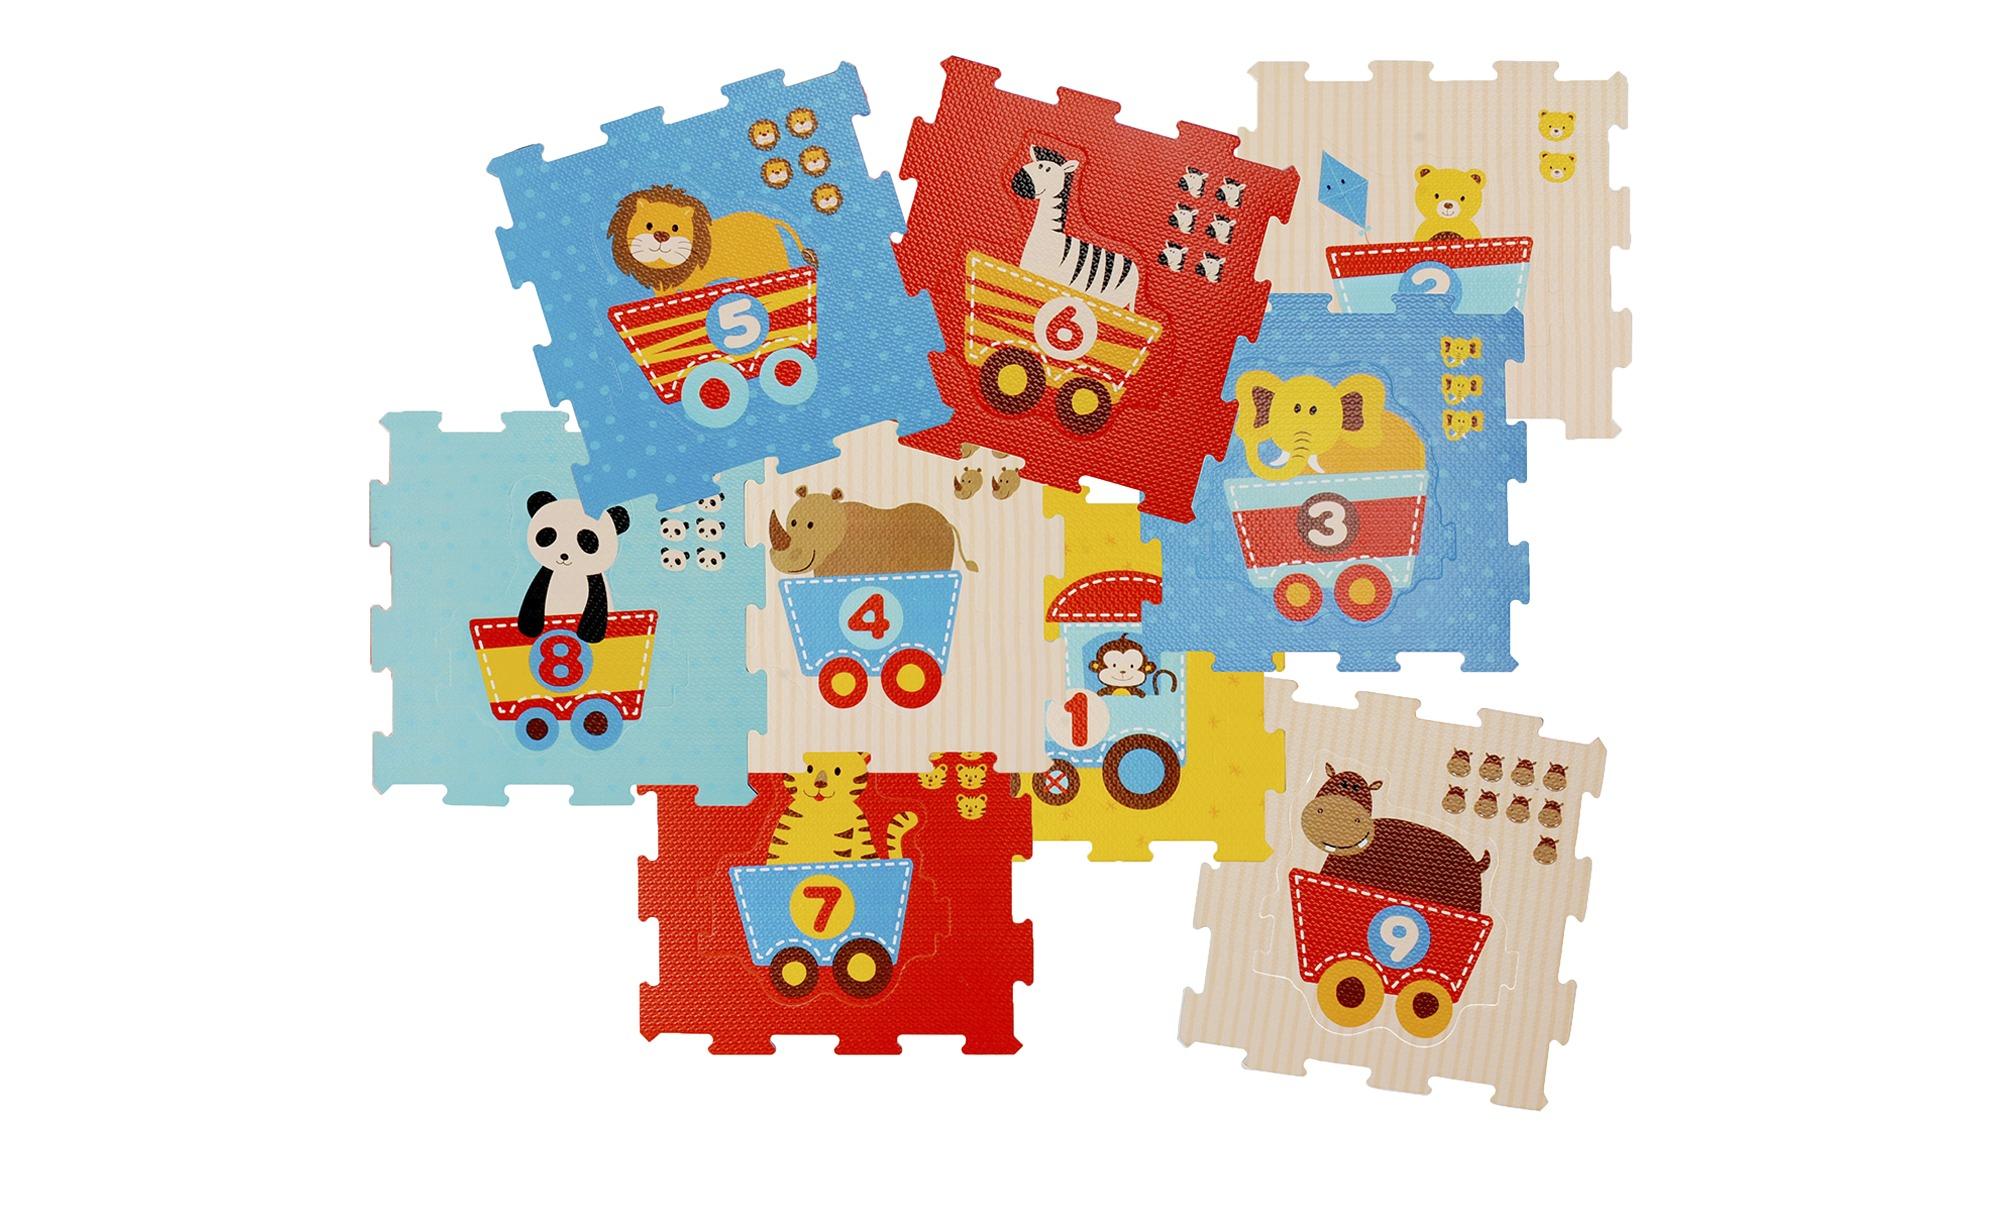 Puzzelmatte  Tier Motivzug ¦ mehrfarbig ¦ Matten mit einem farbigen Gummi beschichtet, 100% Polyurethan ¦ Maße (cm): B: 32 H: 1 T: 9 Teppiche > Kinderteppiche - Höffner